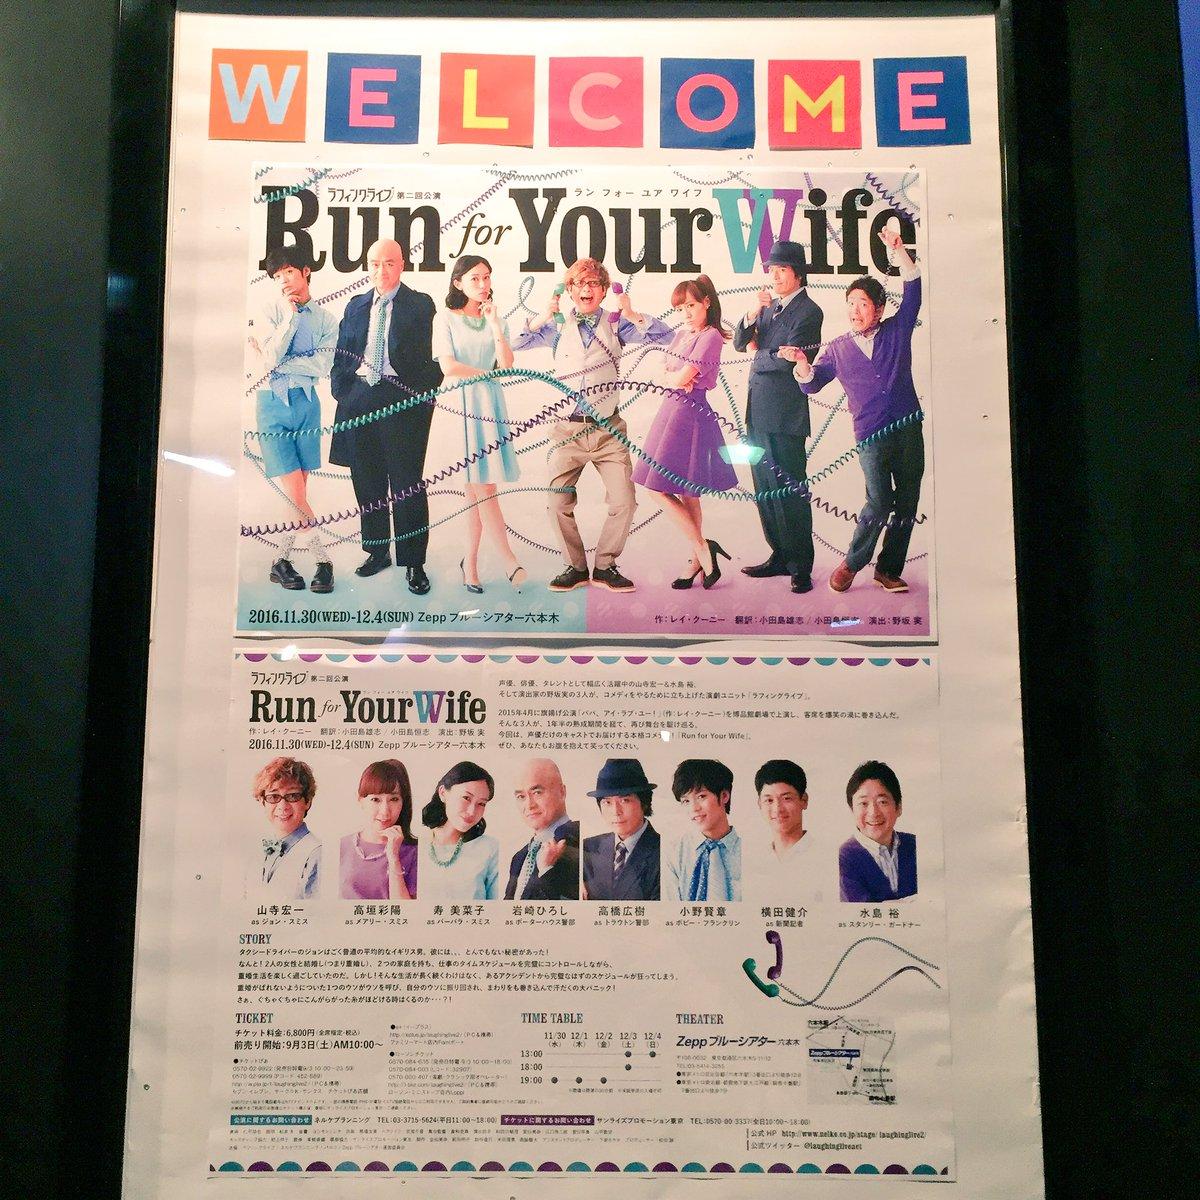 ラフィングライブさんの第二回公演『Run for Your Wife』を観てまいりました。生のお芝居の、笑いの素晴らしさ